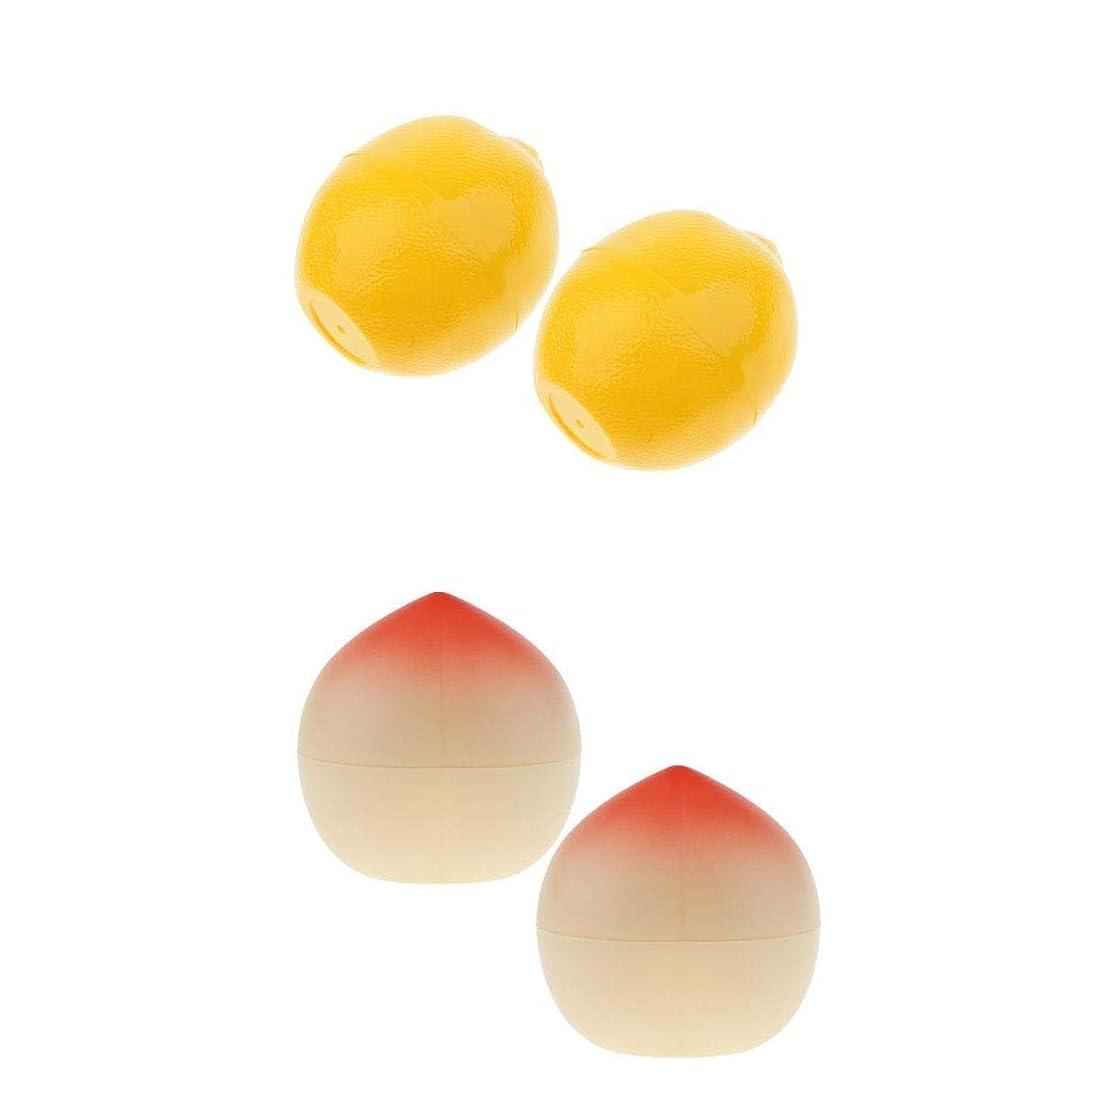 たまに愛情深いトリム4個 メイクアップ クリームジャー コスメ 詰替え容器 可愛い フルーツタイプ 果物 3タイプ選べ - レモンと桃